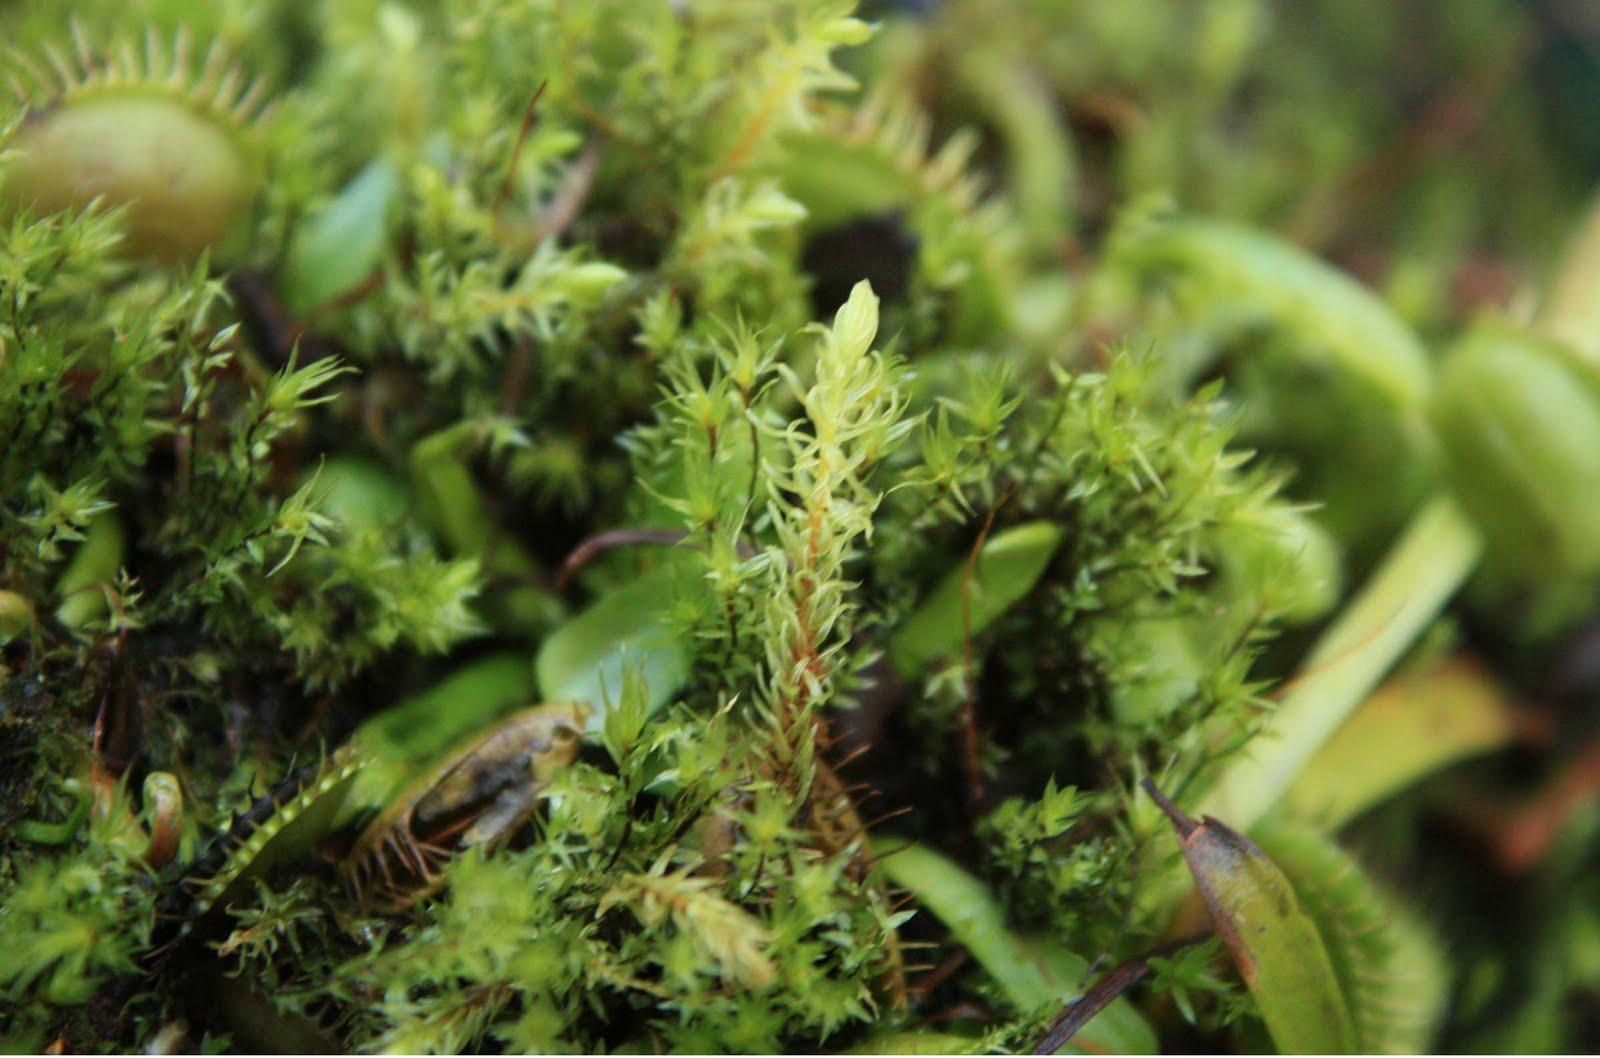 [moss-on-flytrap.jpg]